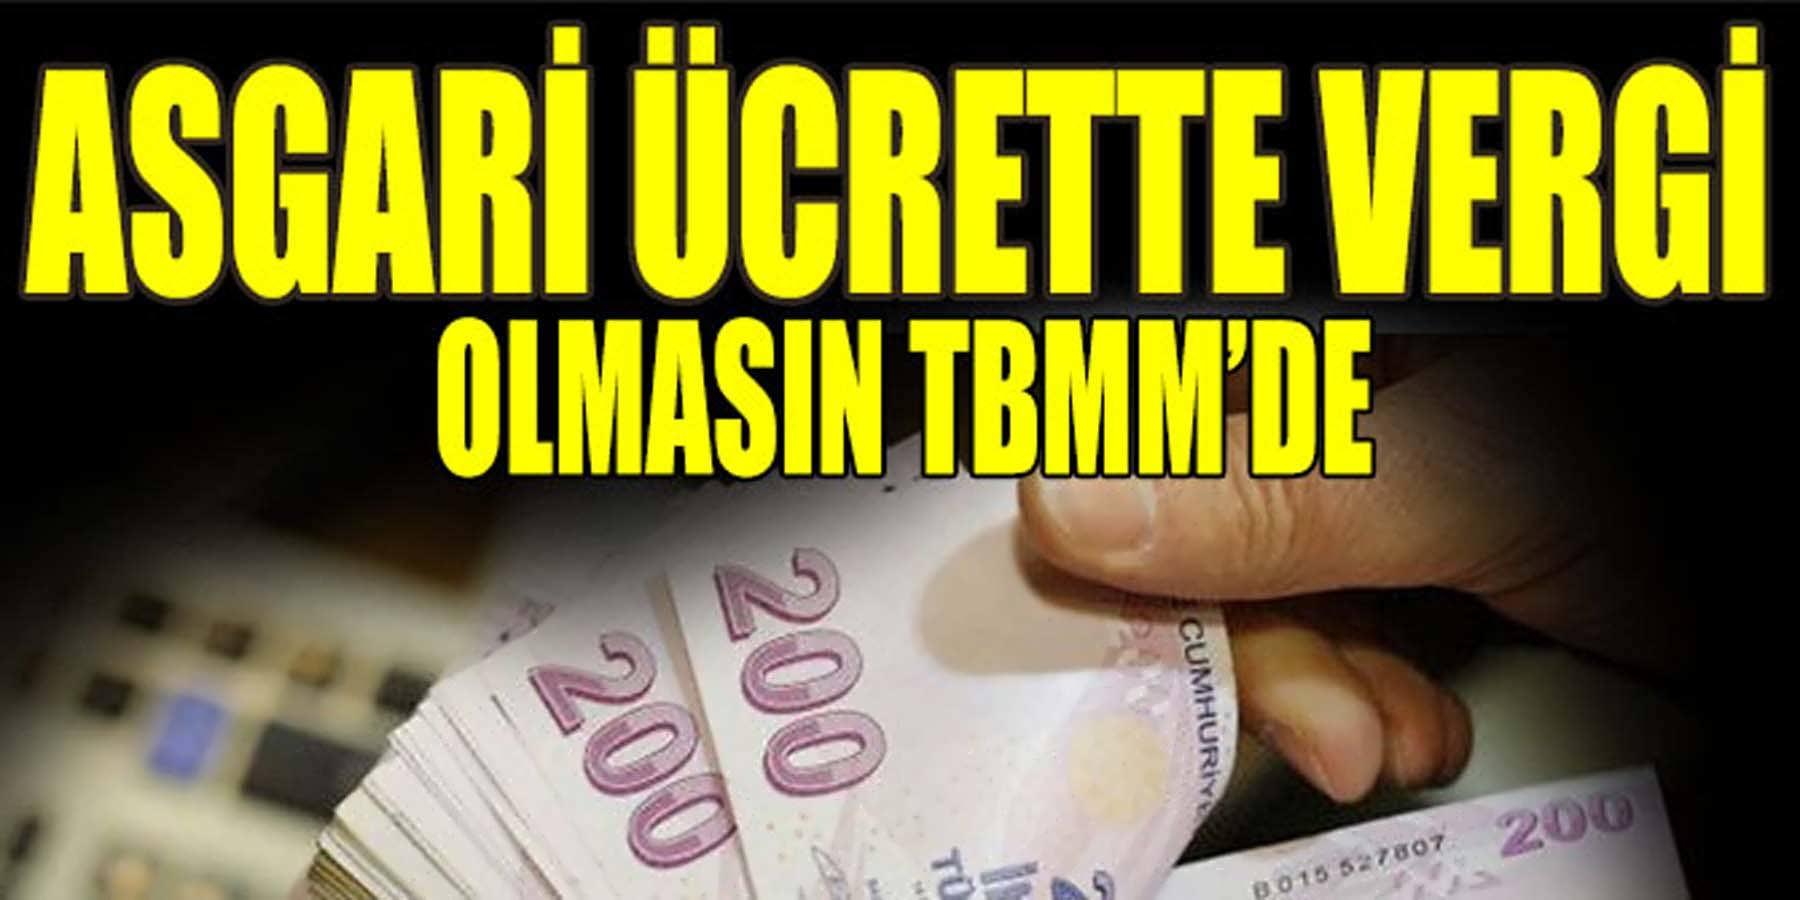 2019 Asgari Ücrette Vergi Olmasın TBMM'DE